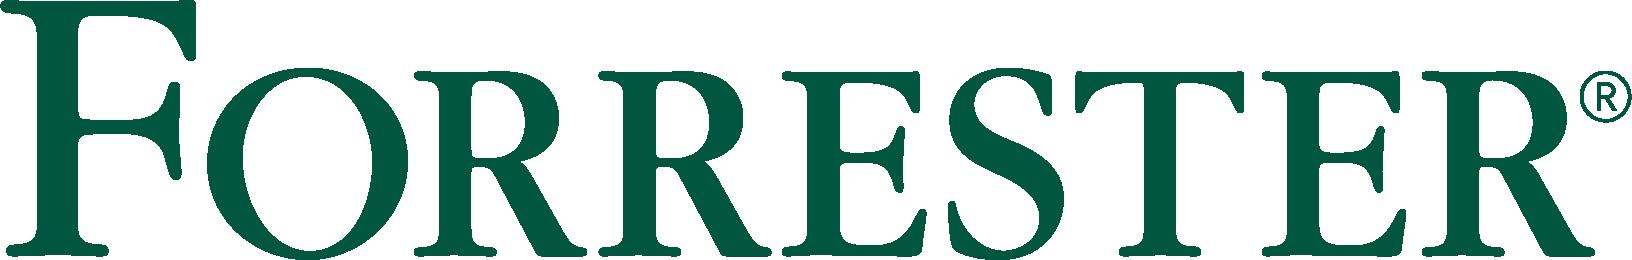 forrester-RGB_logo (1)-1